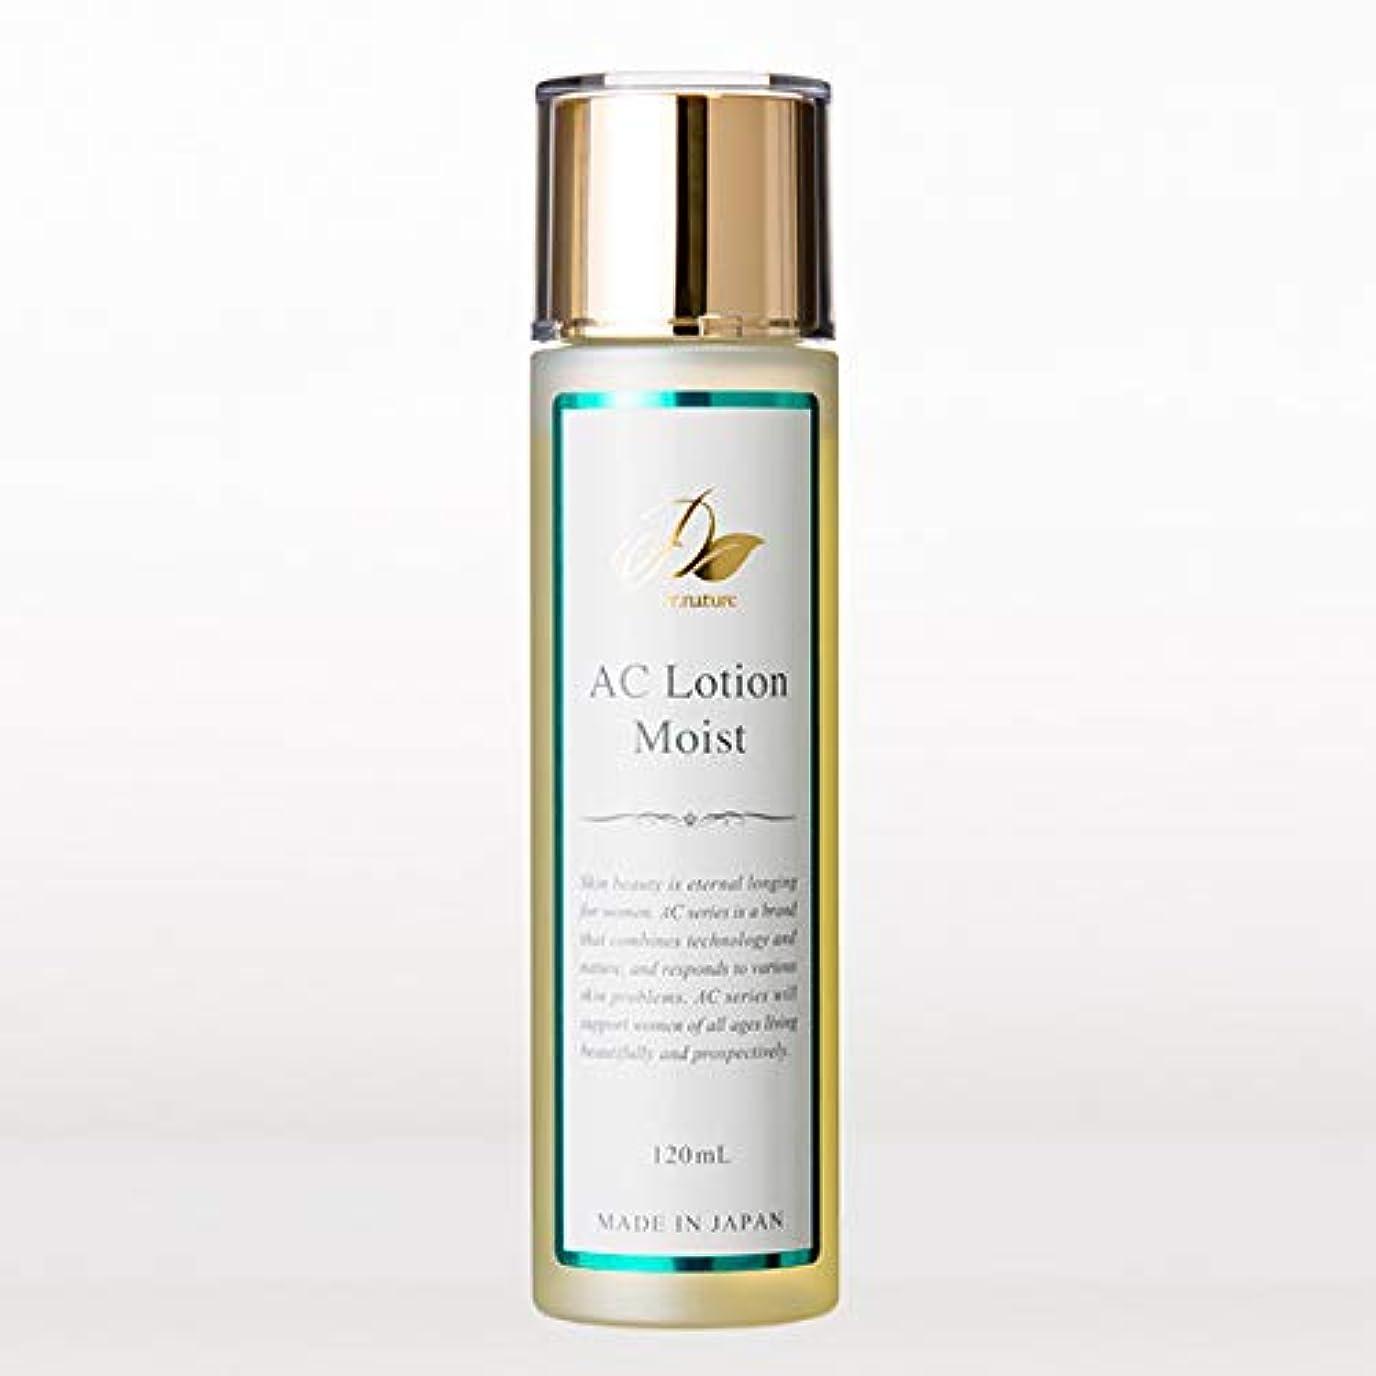 静かな構成する処理するAC化粧水 Moist 120ml モイスト しっとりタイプ「肌荒れ Dr.natureドクターナチュレ ビタミンC誘導体 ターンオーバーの正常化」